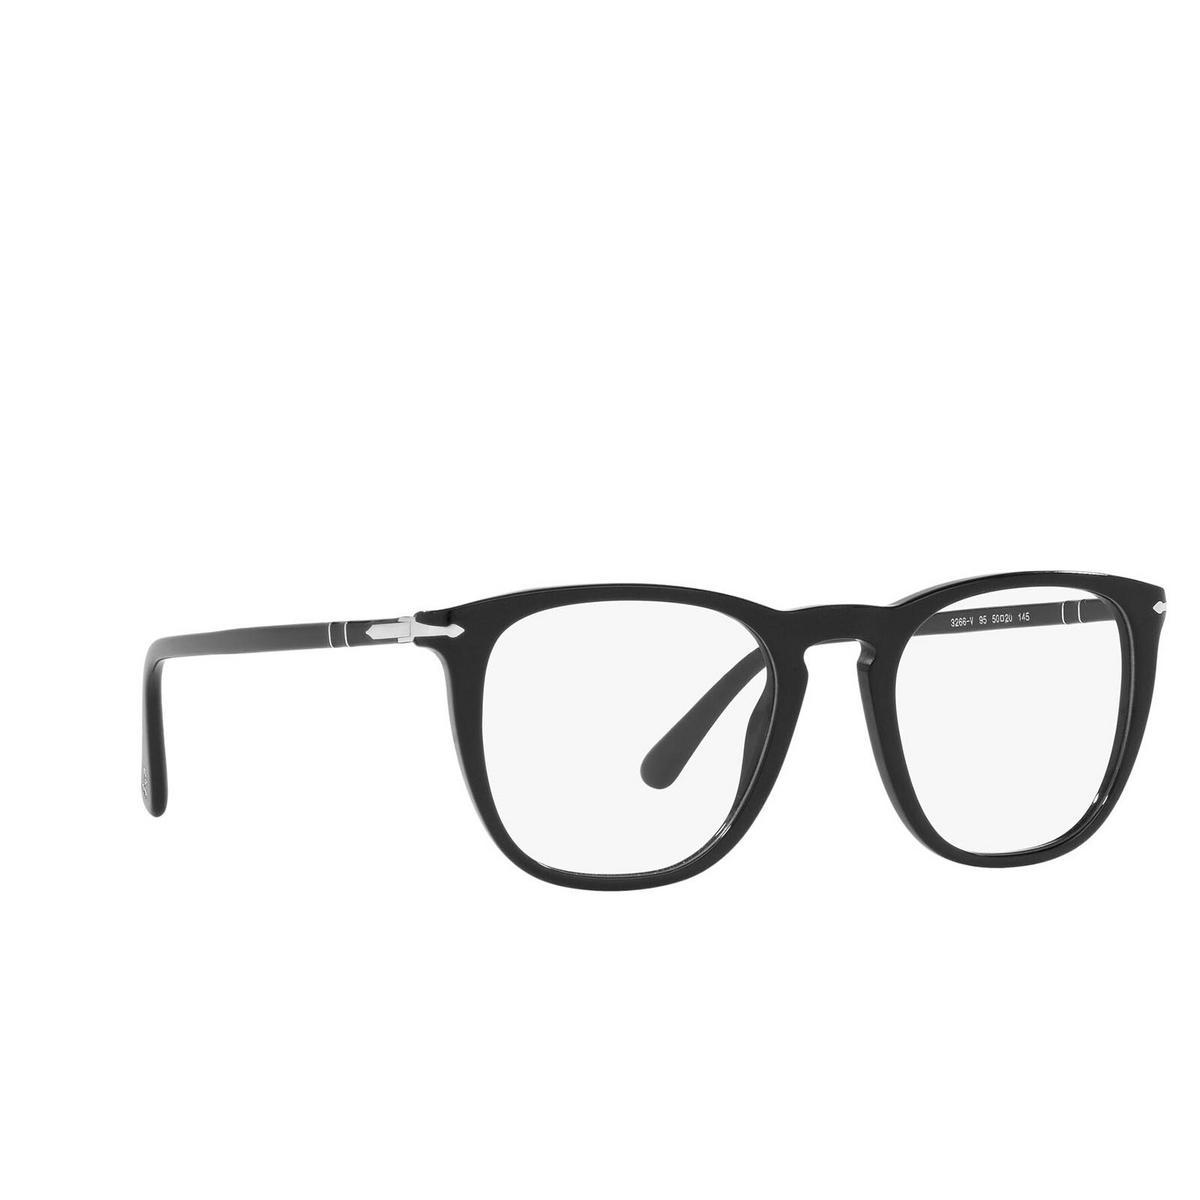 Persol® Square Eyeglasses: PO3266V color Black 95 - three-quarters view.